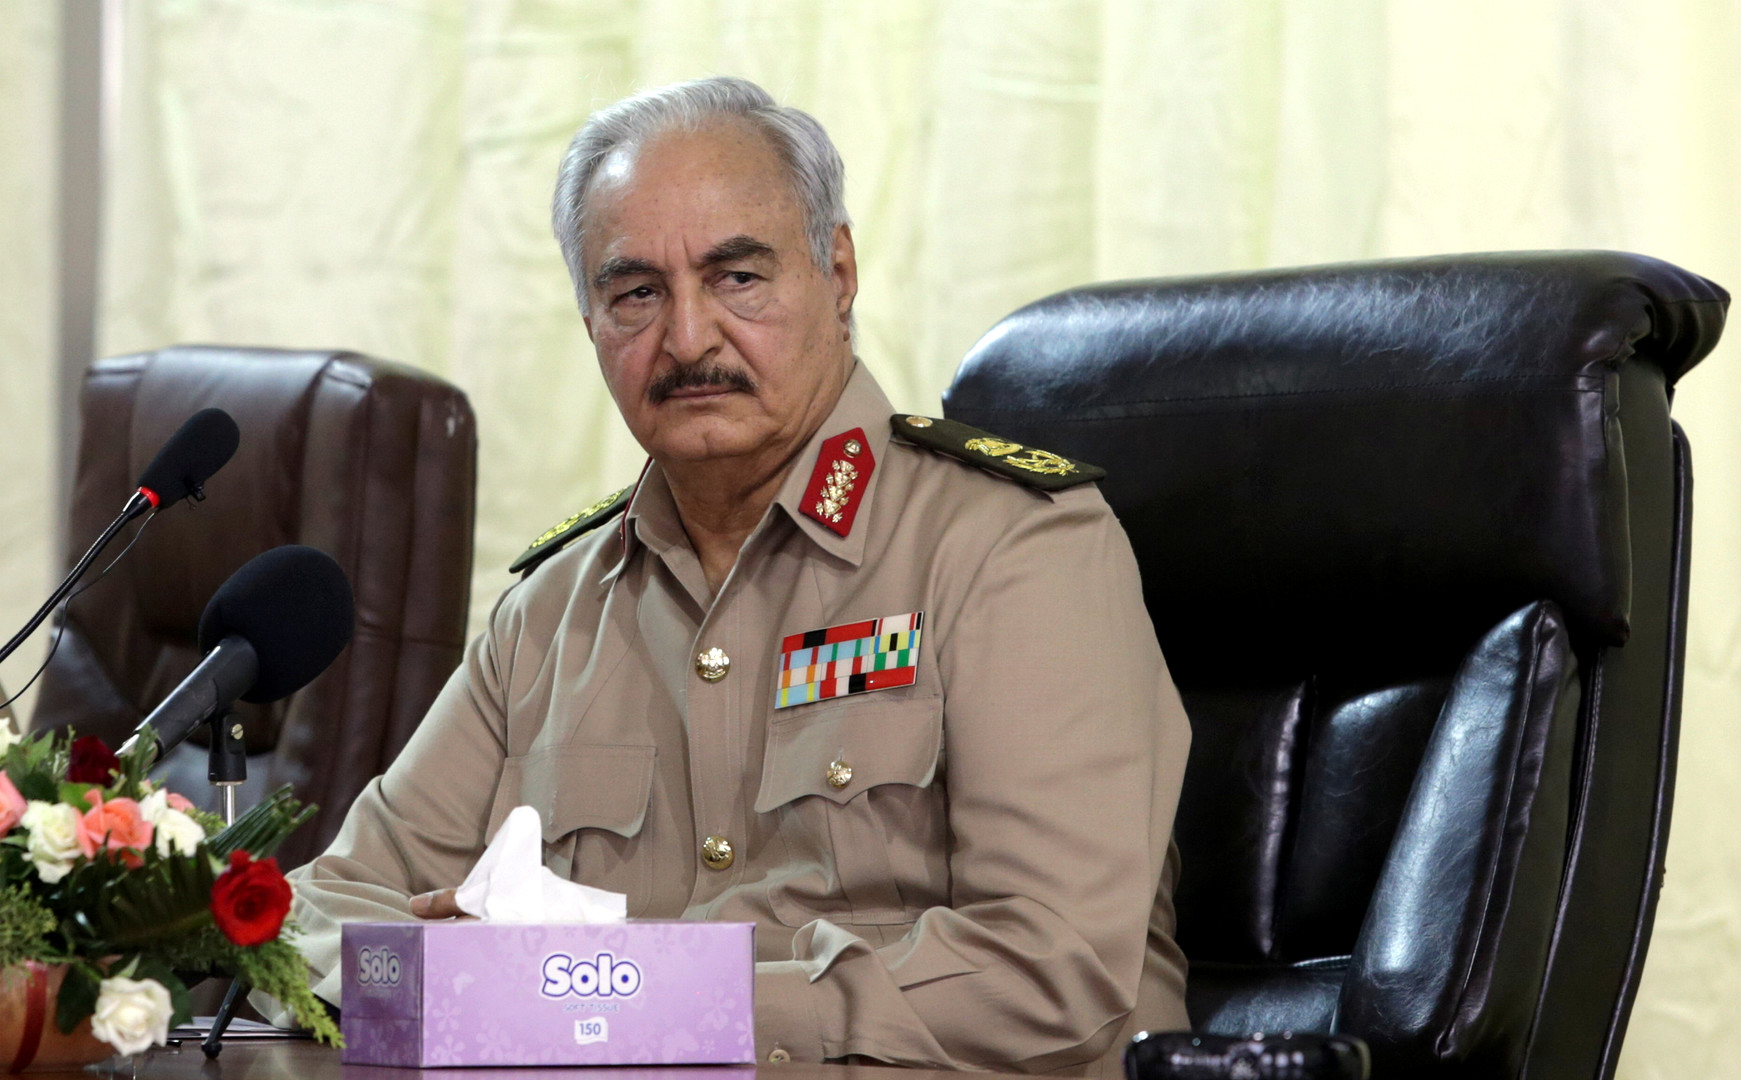 حفتر: كان باستطاعتنا حسم معركة طرابلس خلال 24 ساعة لولا حرصنا على سلامة المدنيين